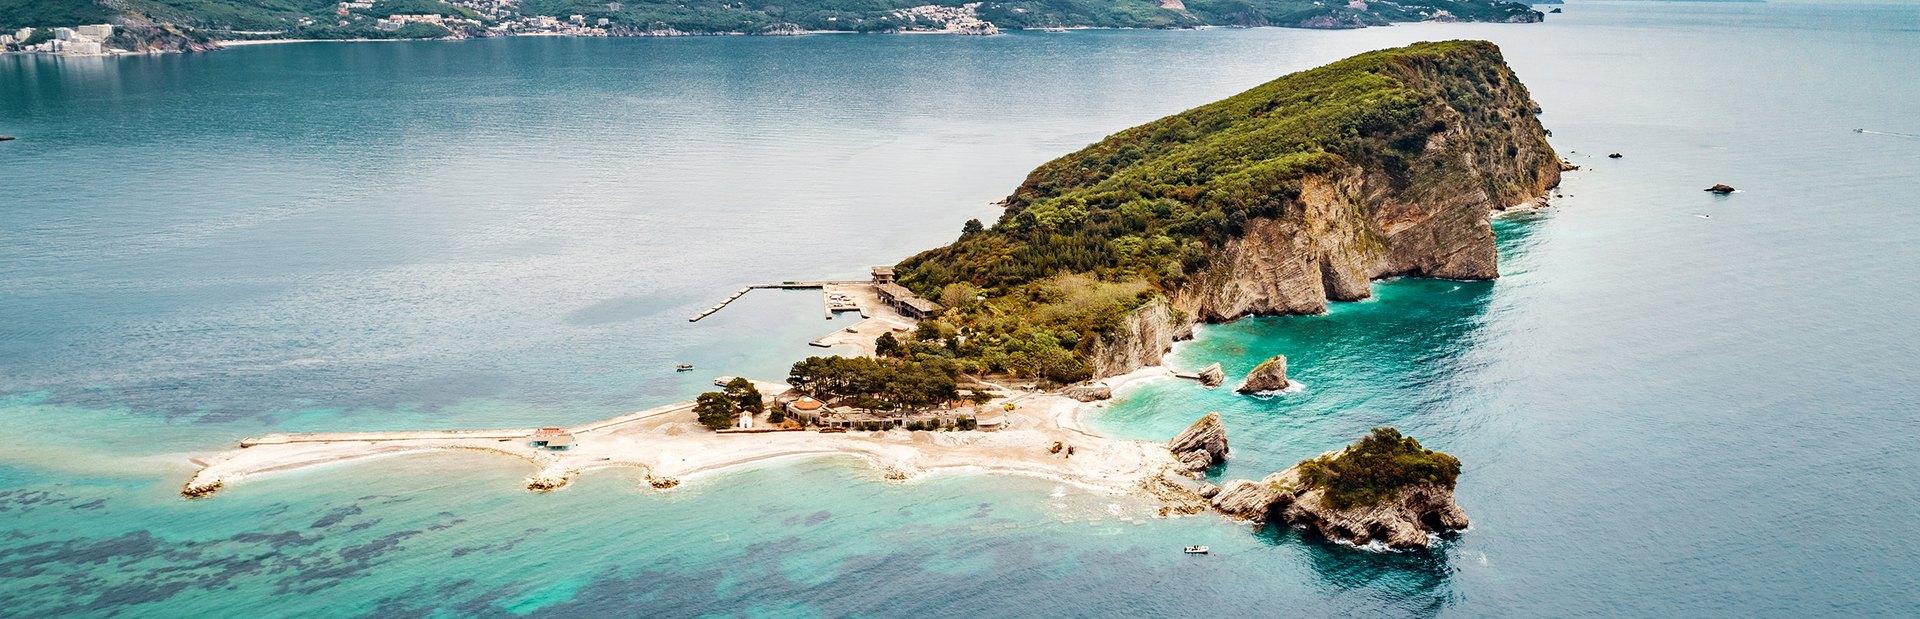 St Nicholas Island (Sveti Nikola Island) Image 1